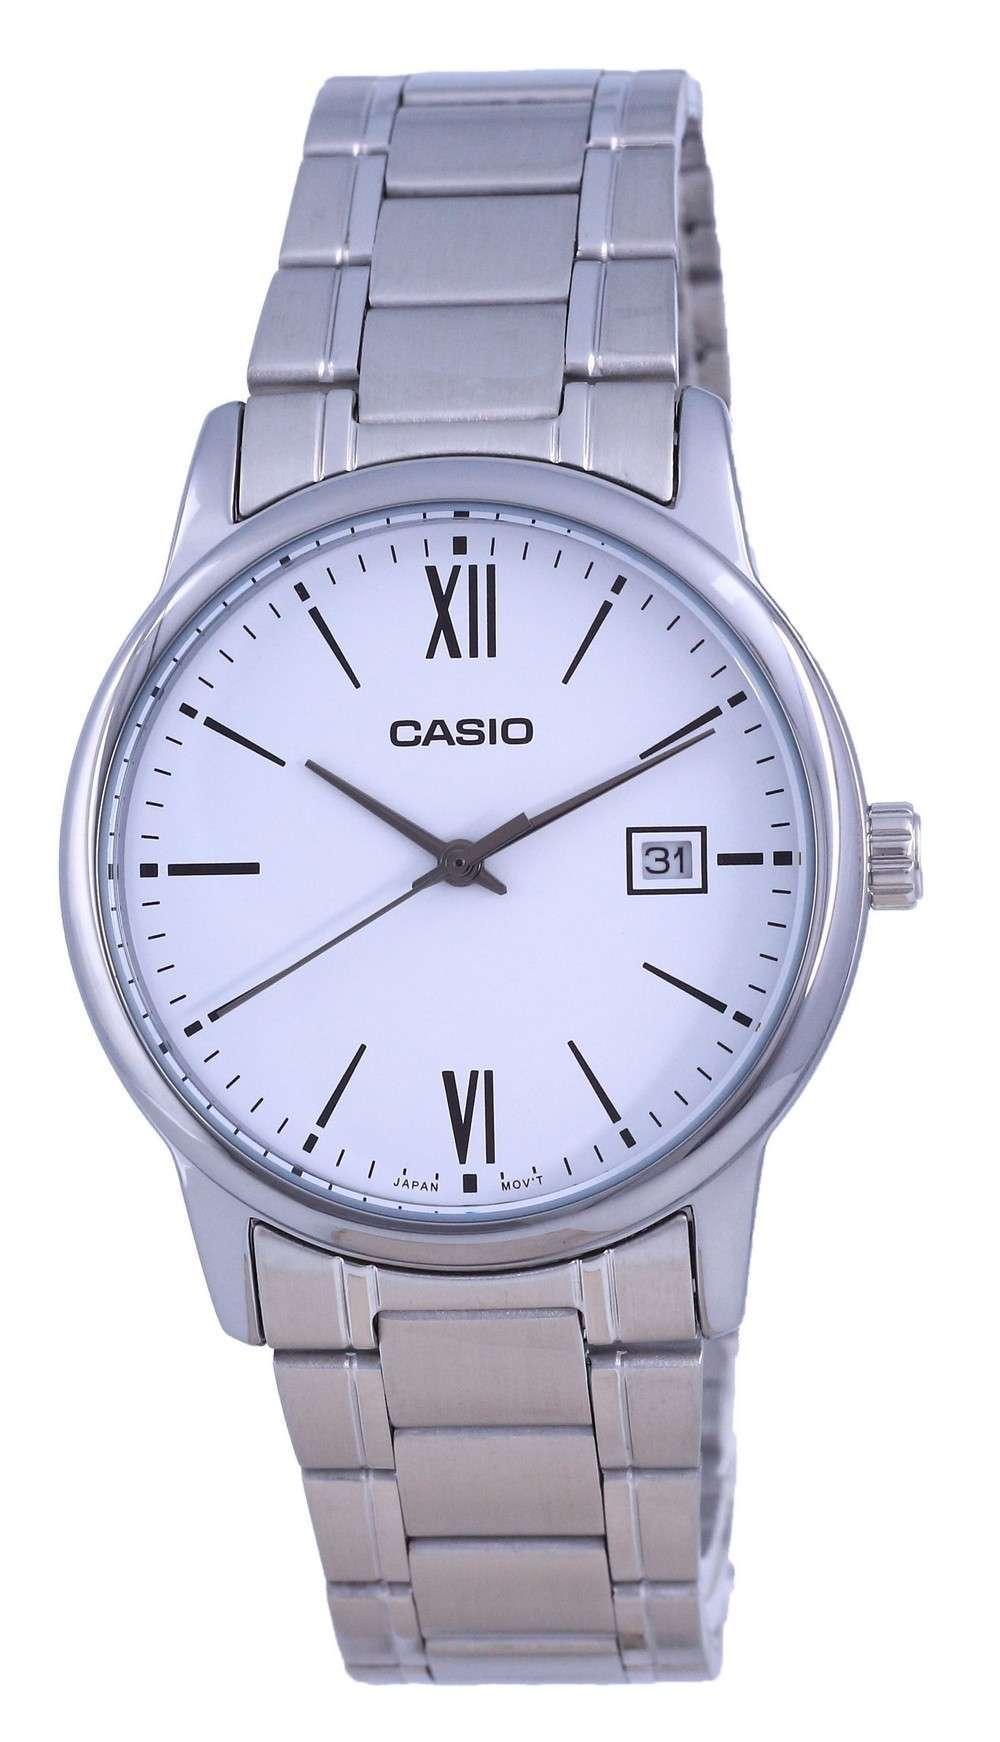 Reloj Casio de cuarzo analógico de acero inoxidable con esfera blanca MTP-V002D-7B3 MTPV002D-7 para hombre